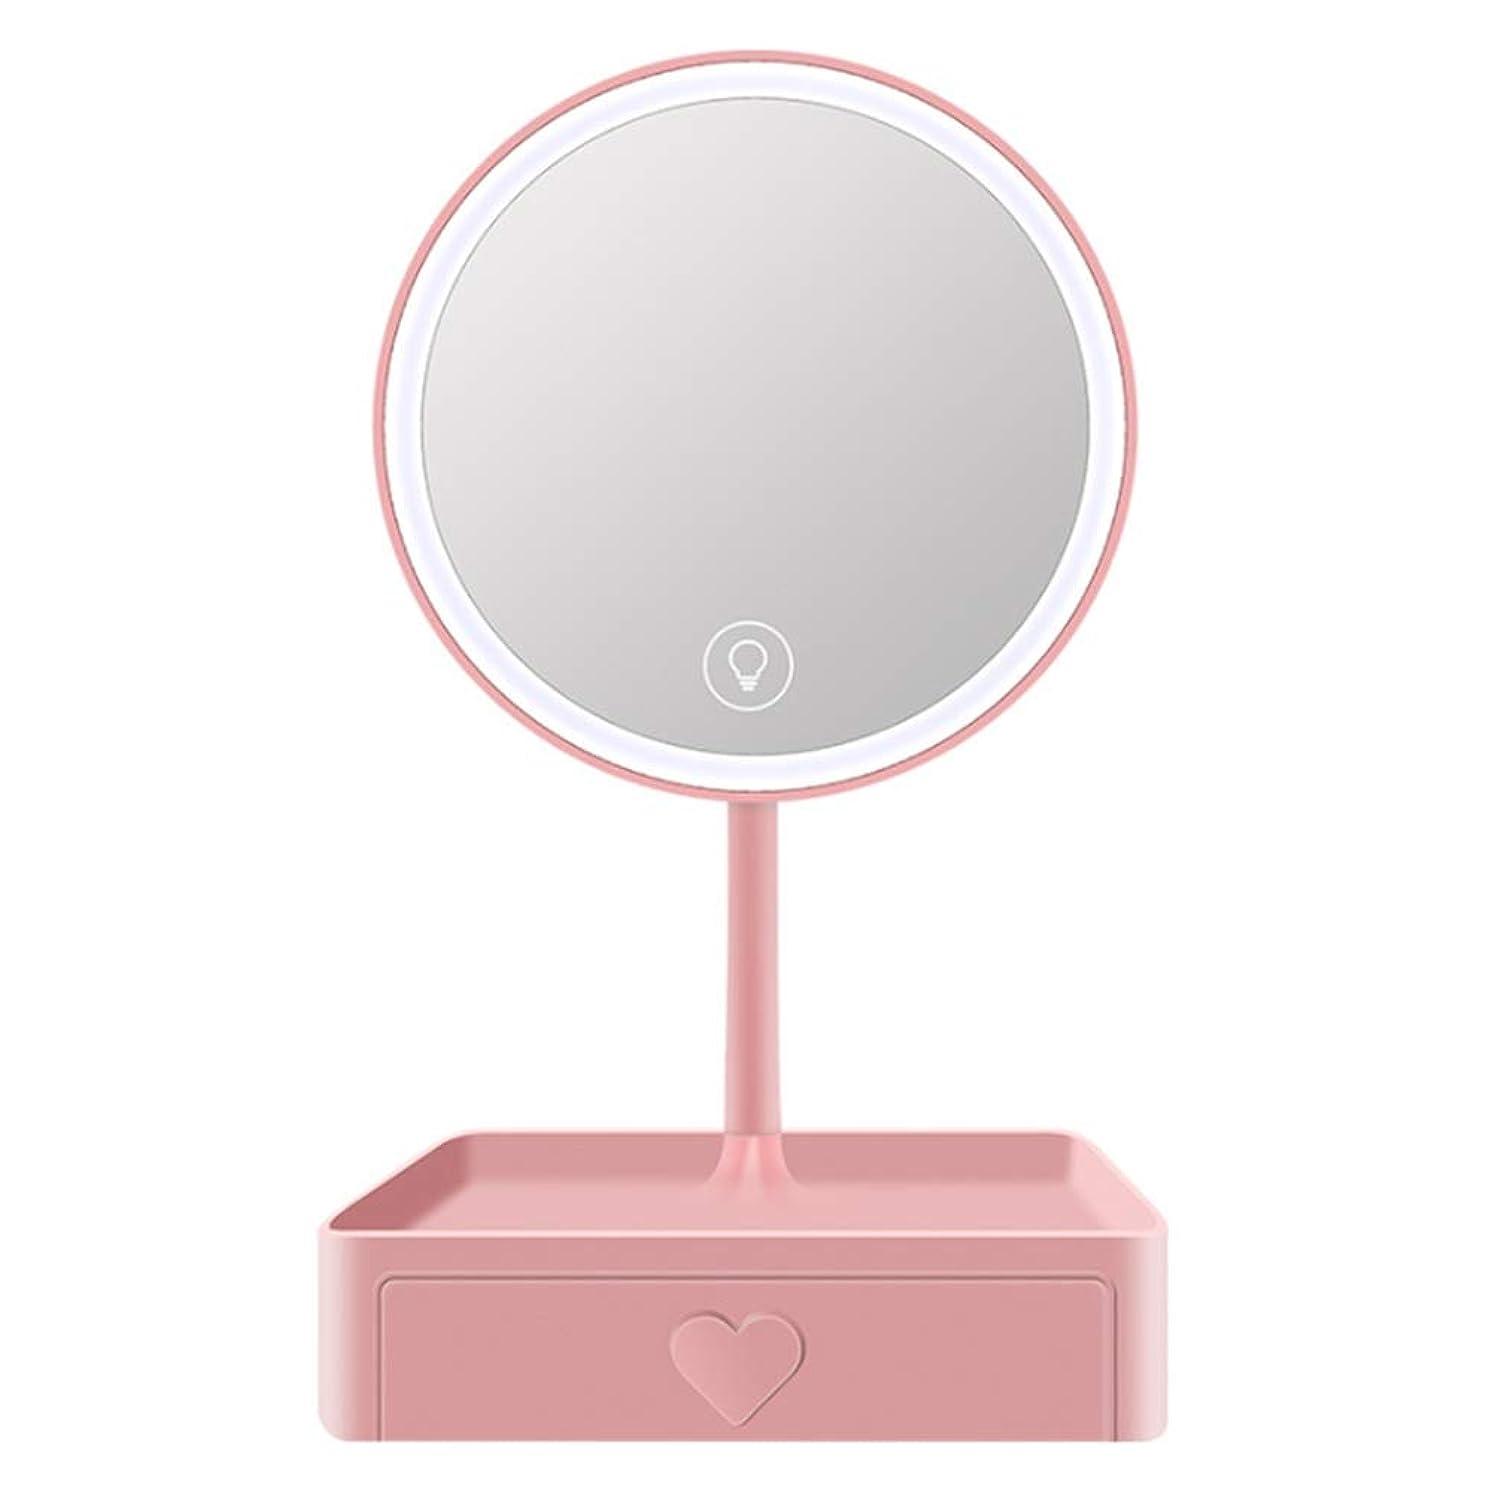 ウッズ慣れる何故なの化粧鏡 化粧化粧台ミラーライト付き取り外し可能5倍拡大タッチスクリーン3明るさusb再充電ledライト付きミラー収納引き出し付 (色 : ピンク, サイズ : Free size)